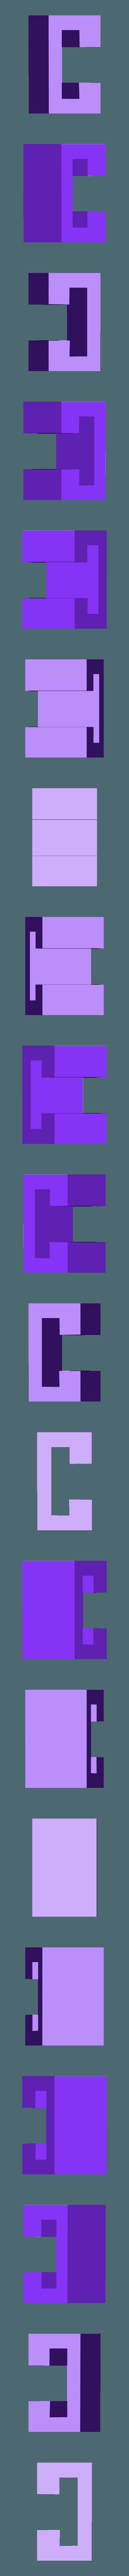 LOCK.stl Télécharger fichier STL gratuit Pot design / Moule à glaces • Modèle pour impression 3D, TOUT-A-1-EURO